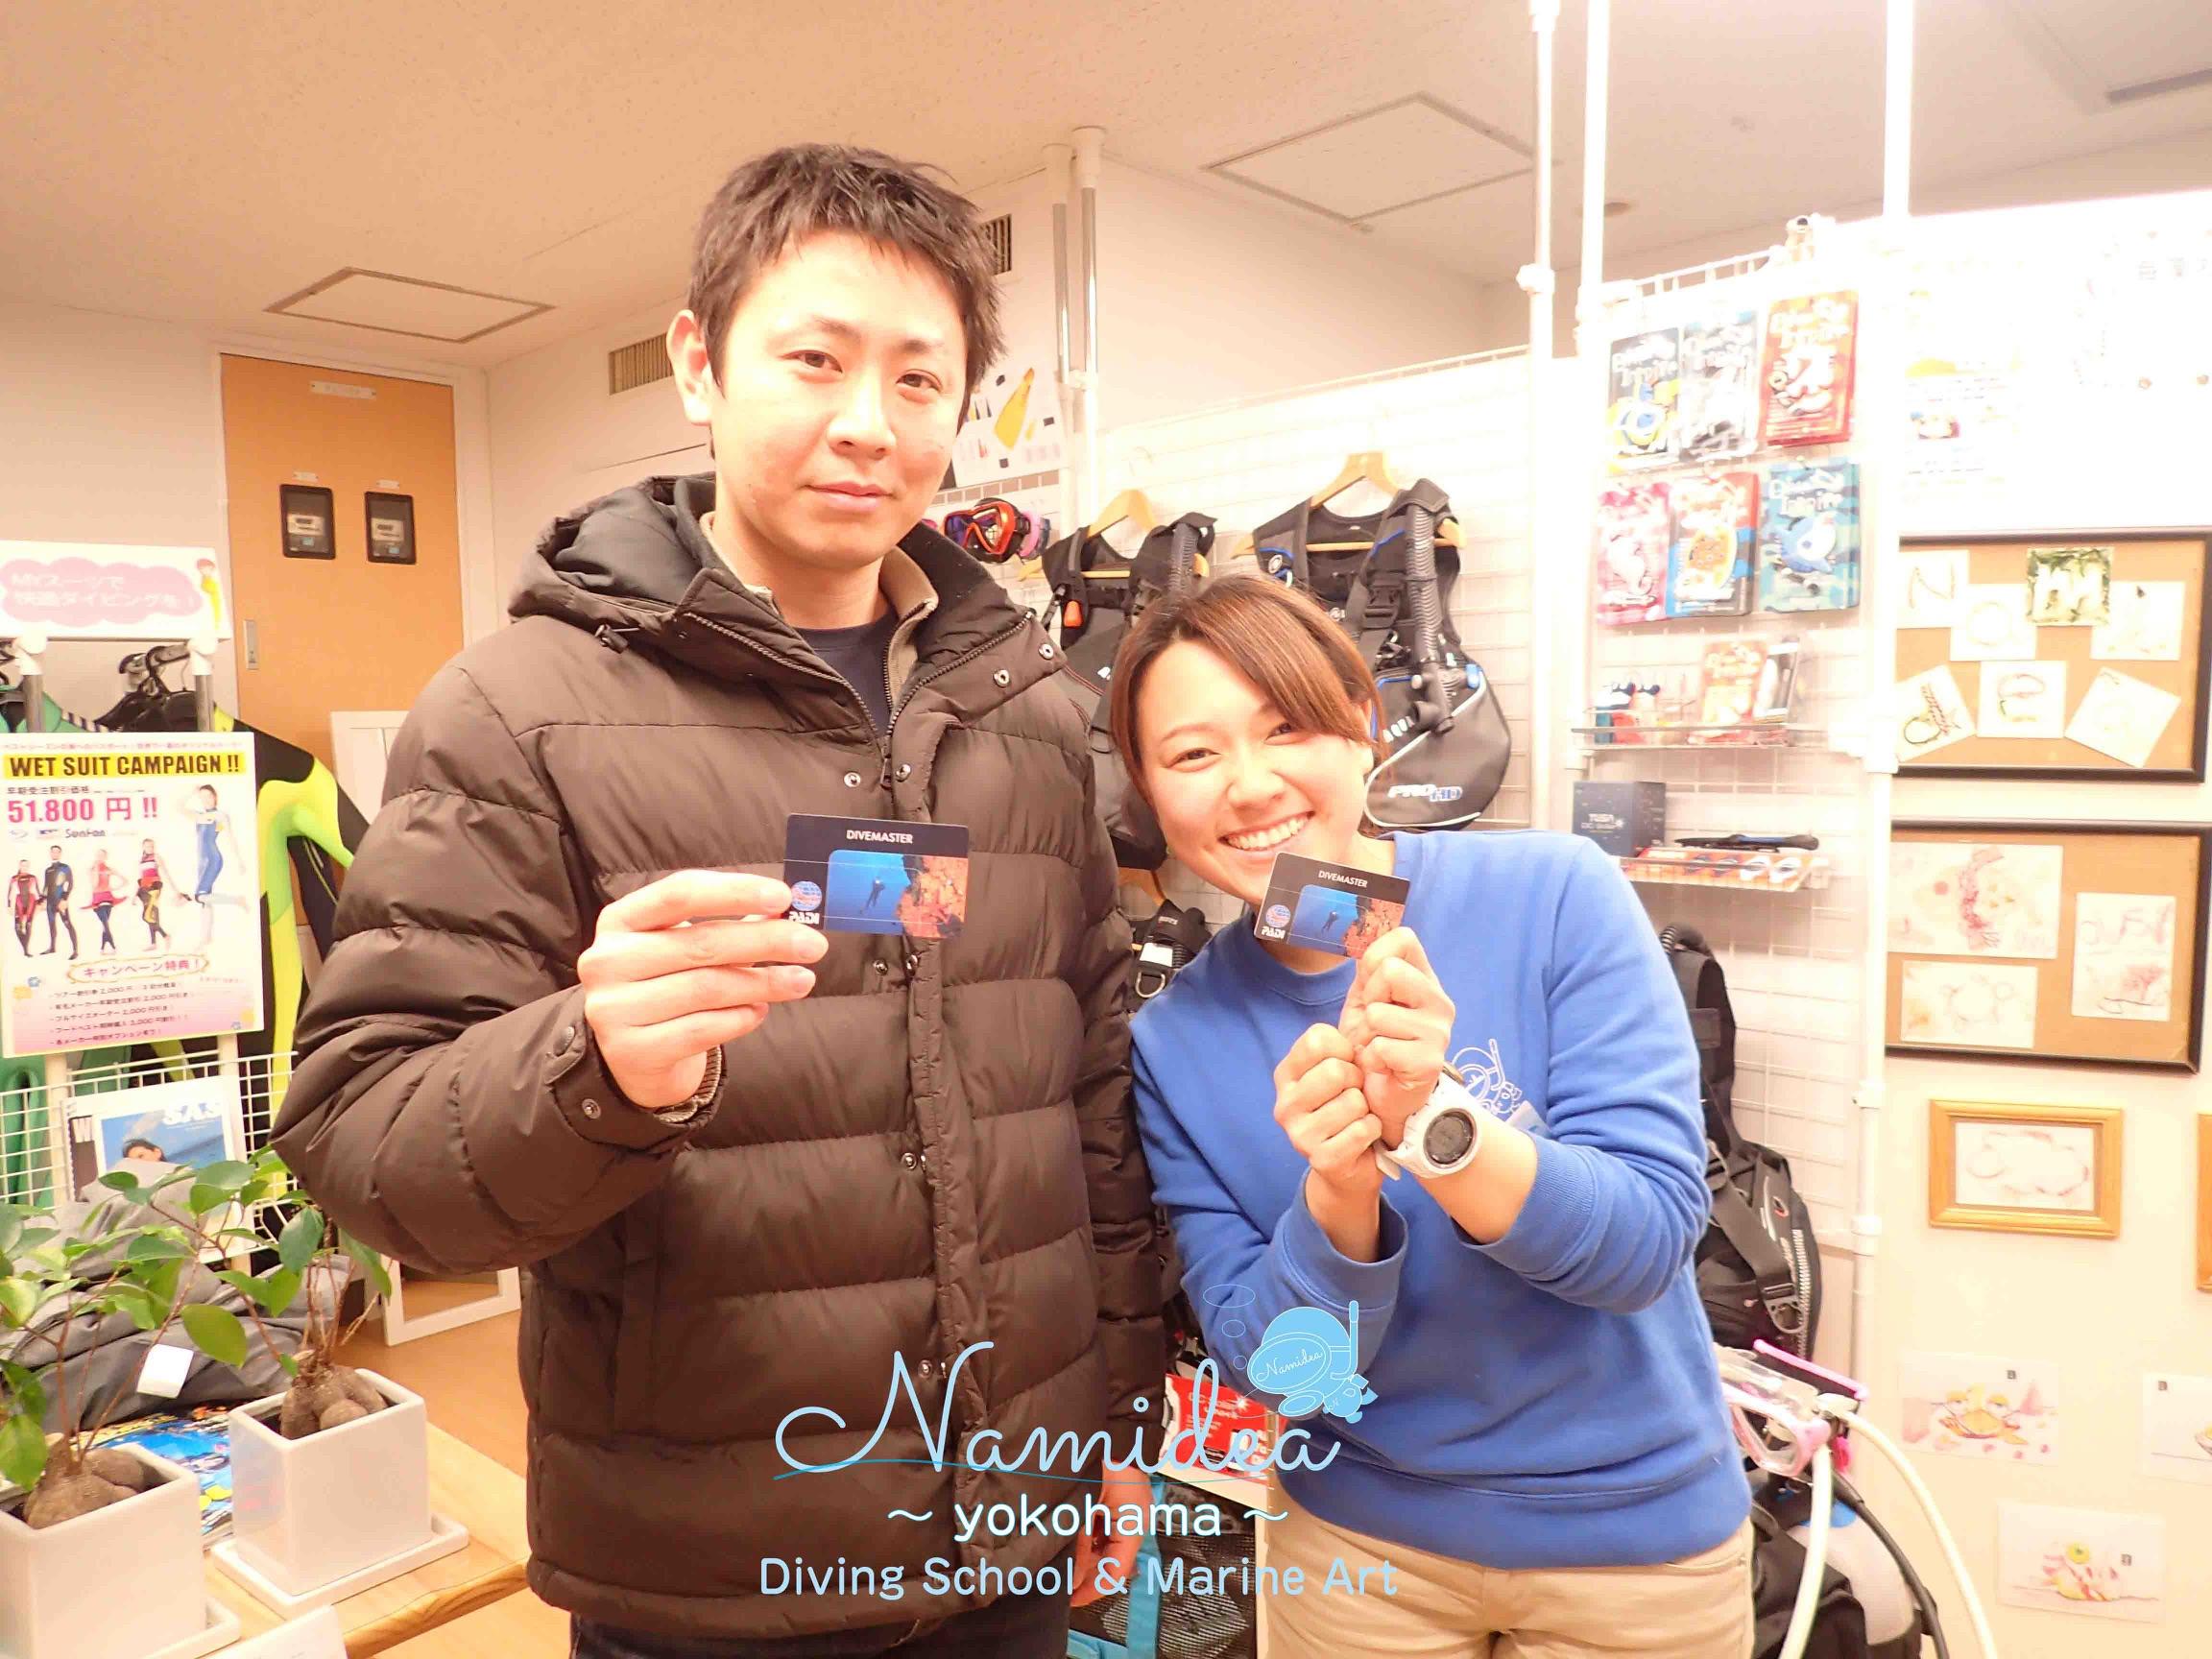 ナミディア店内にてDM(ダイブマスター)カードお渡し